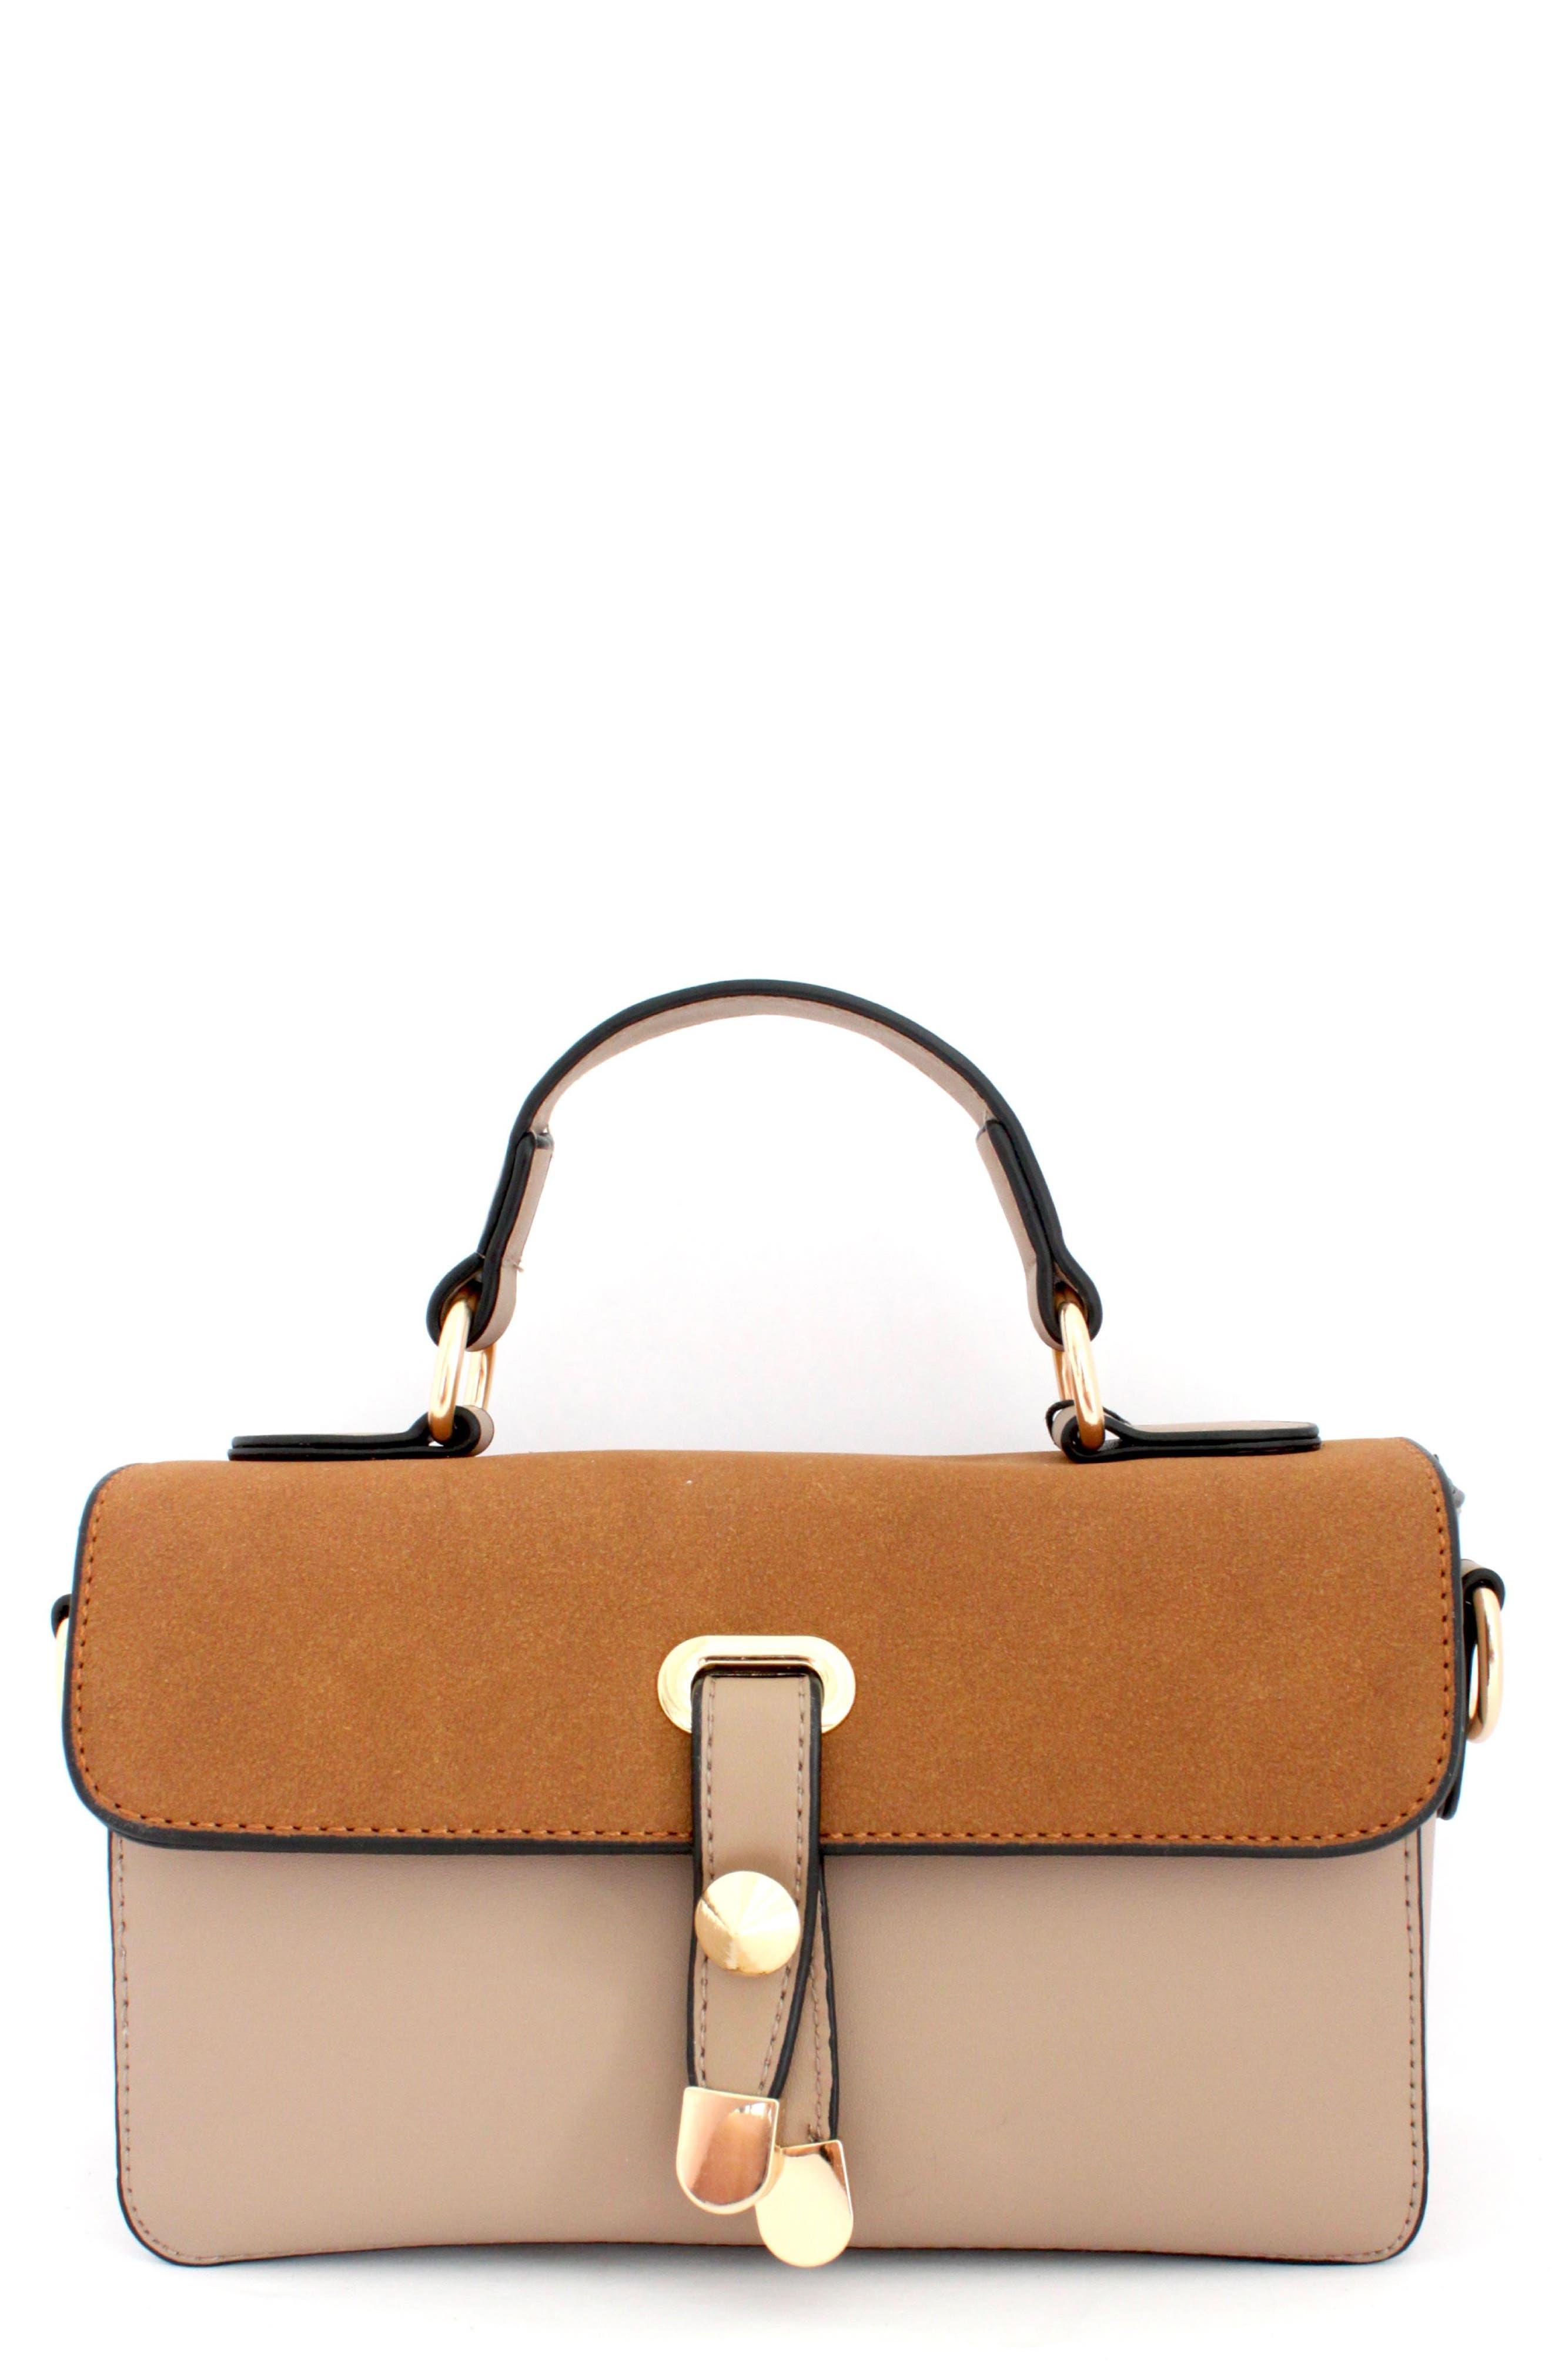 Colorblock Faux Leather Satchel,                         Main,                         color, CINNAMON